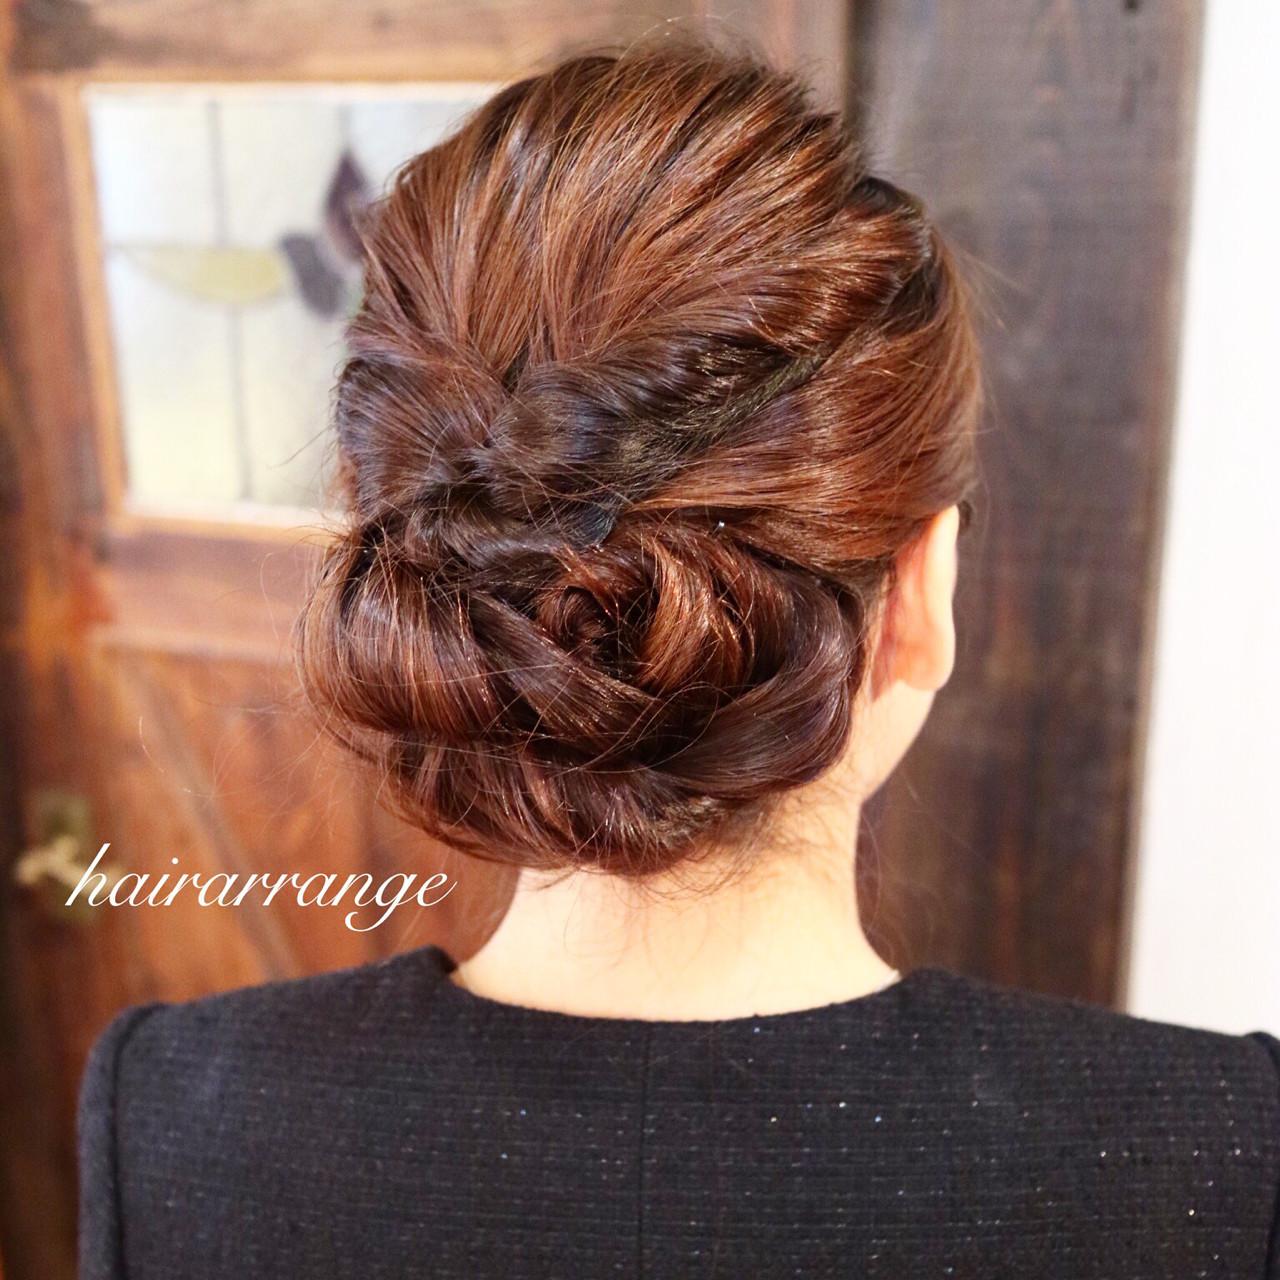 ヘアアレンジ セミロング シニヨン 簡単ヘアアレンジ ヘアスタイルや髪型の写真・画像